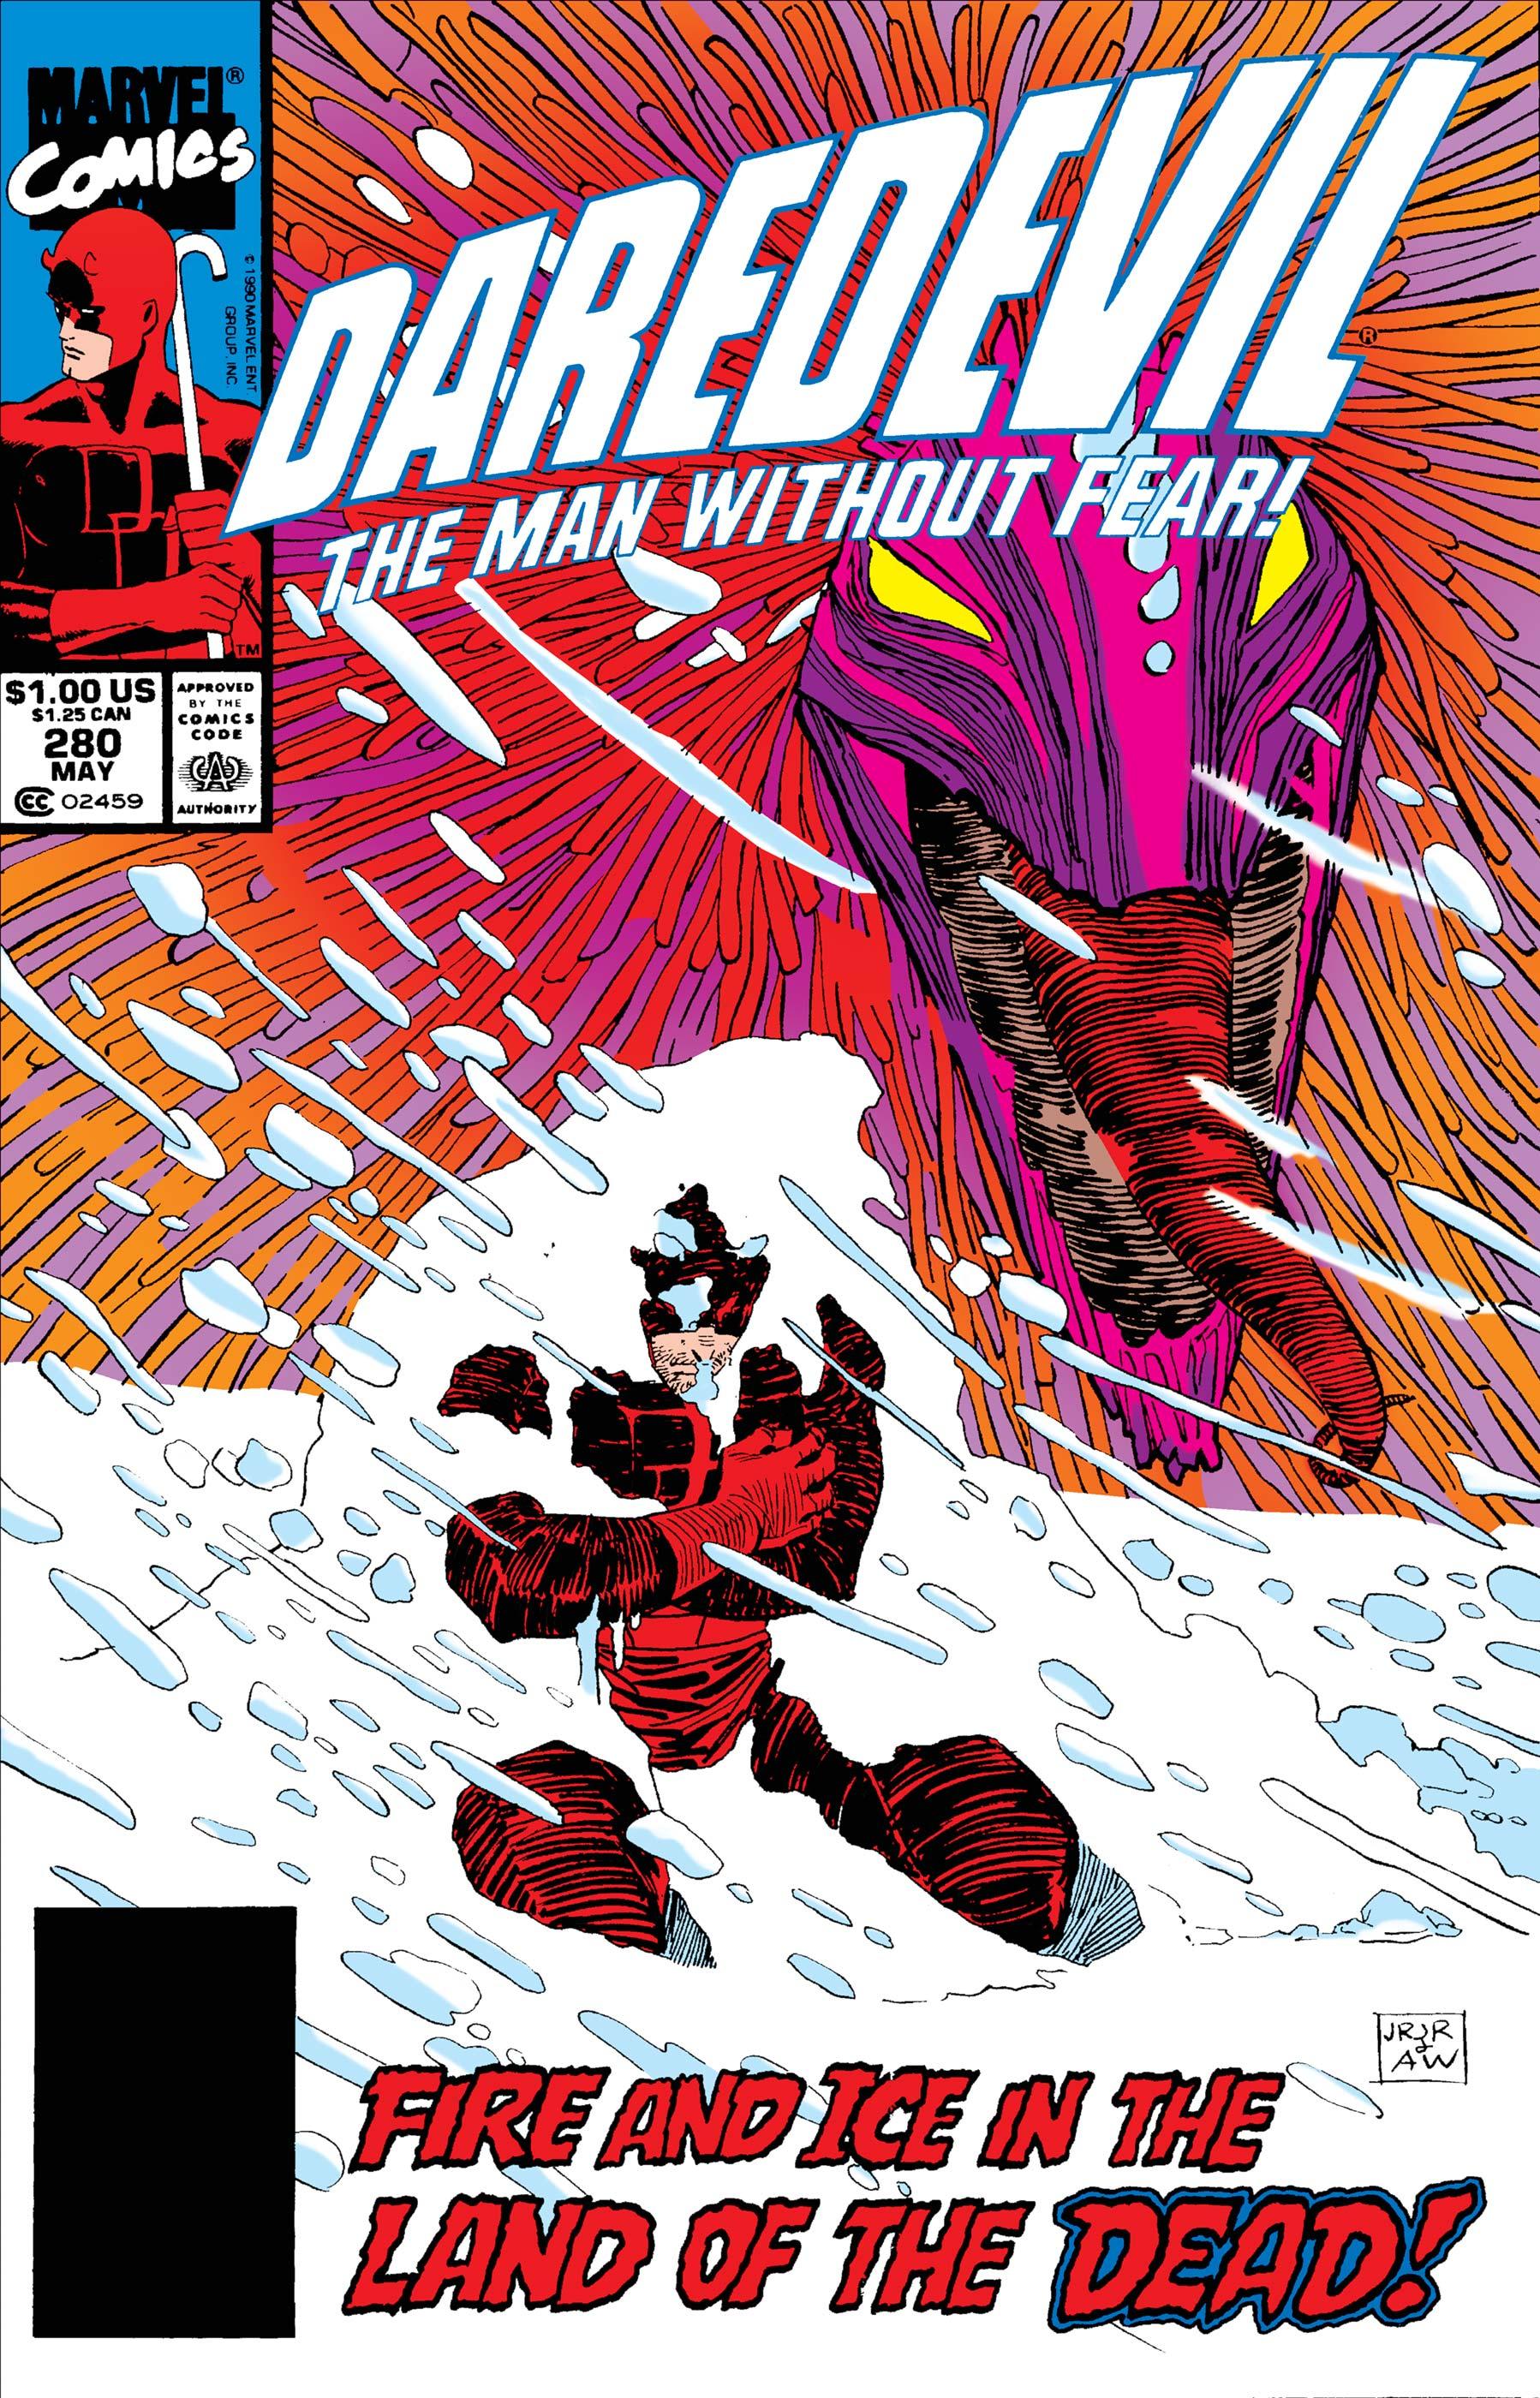 Daredevil (1964) #280